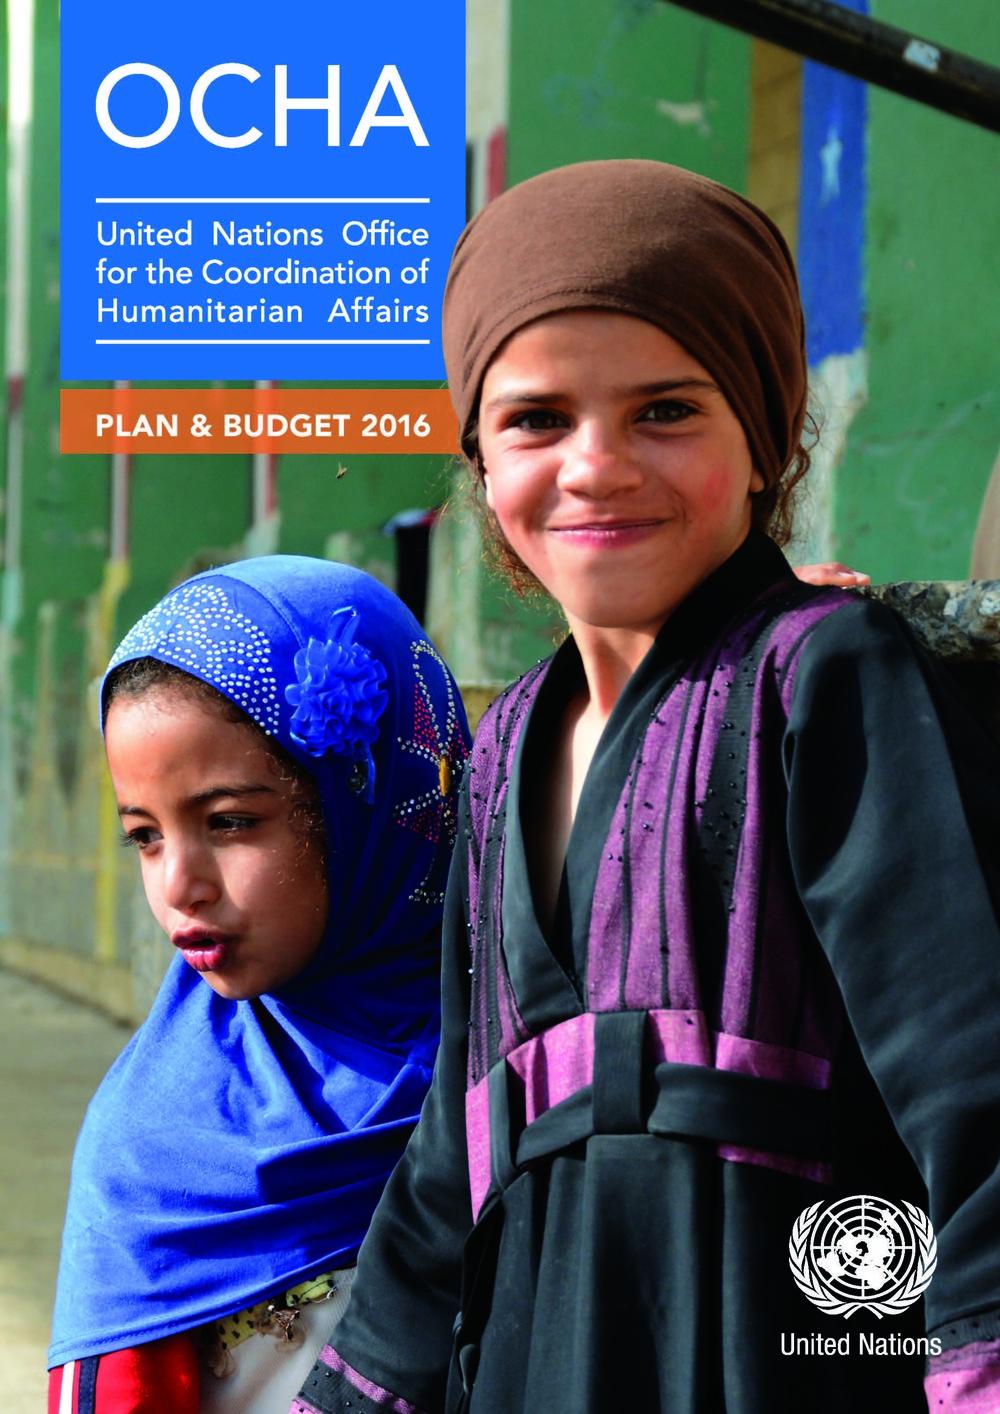 OCHA Plan & Budget 2016